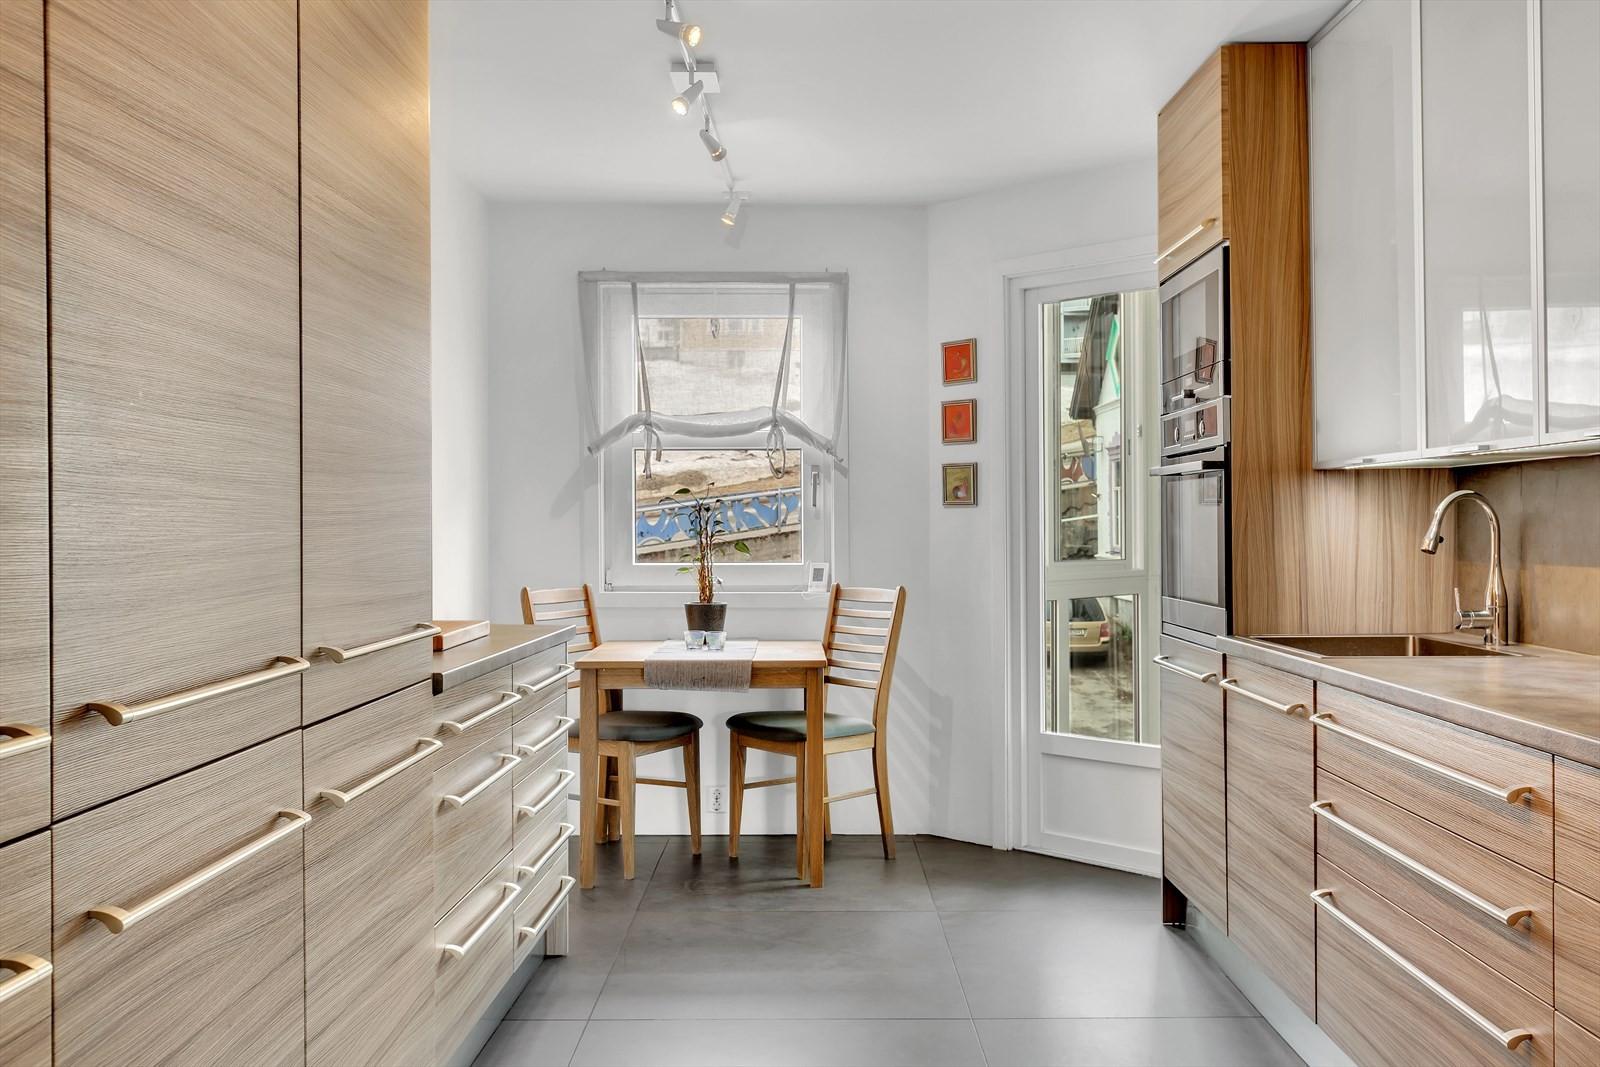 Innholdsrikt og flott kjøkken med en liten spiseplass innerst